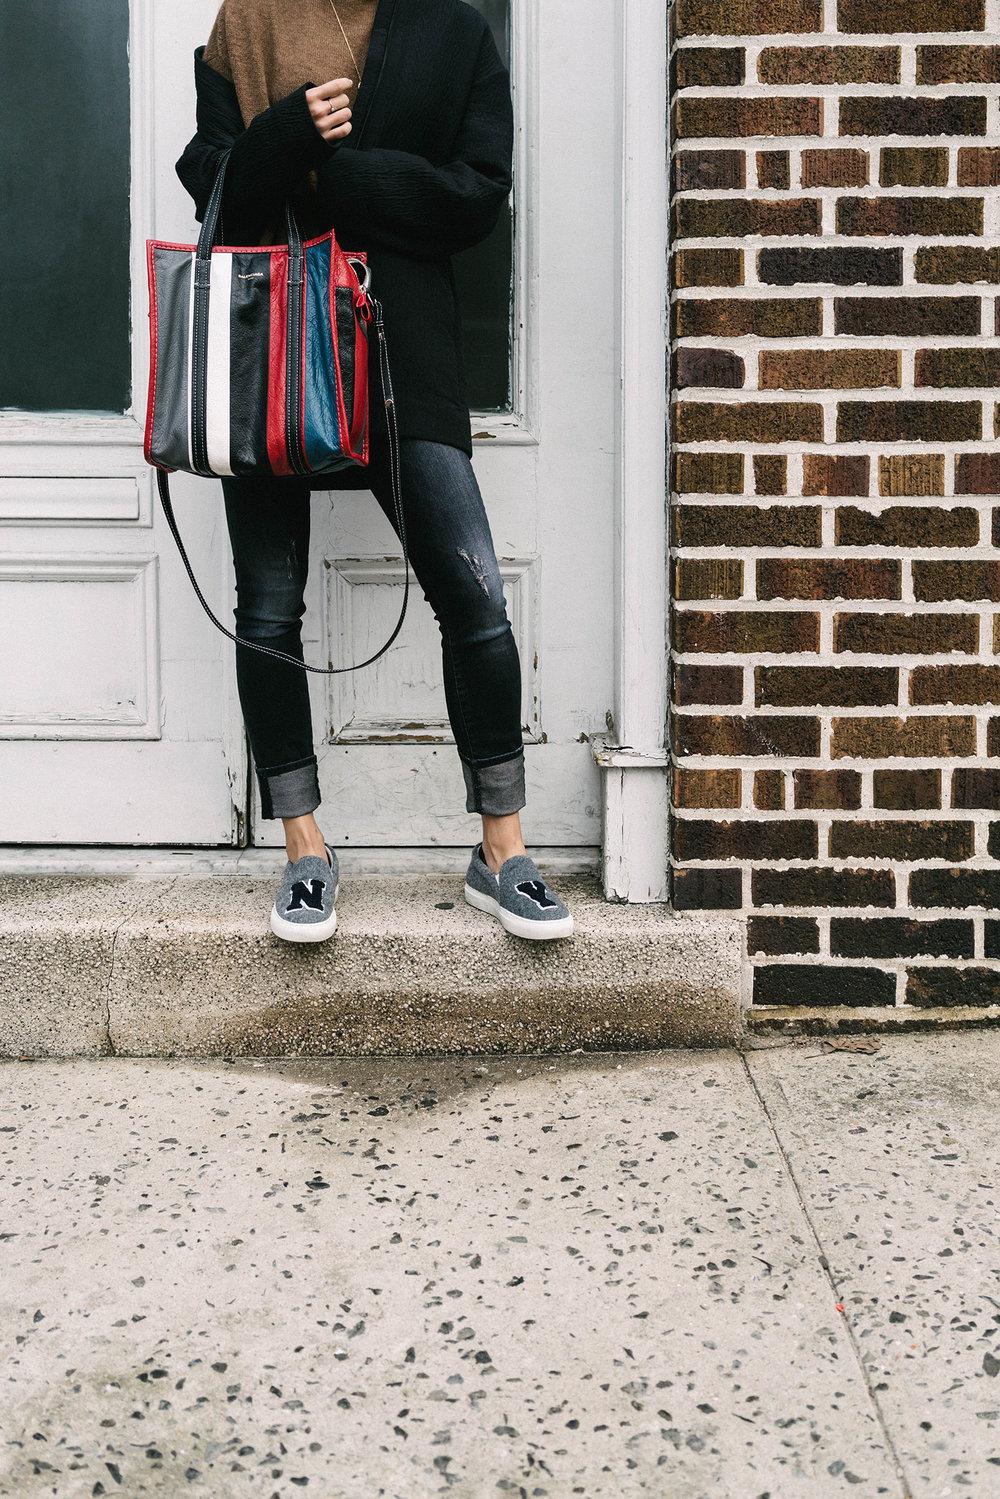 COS Jacket, Pas de Calais Sweater, R13 Denim, Balenciaga Bag, Joshua Saunders Shoes